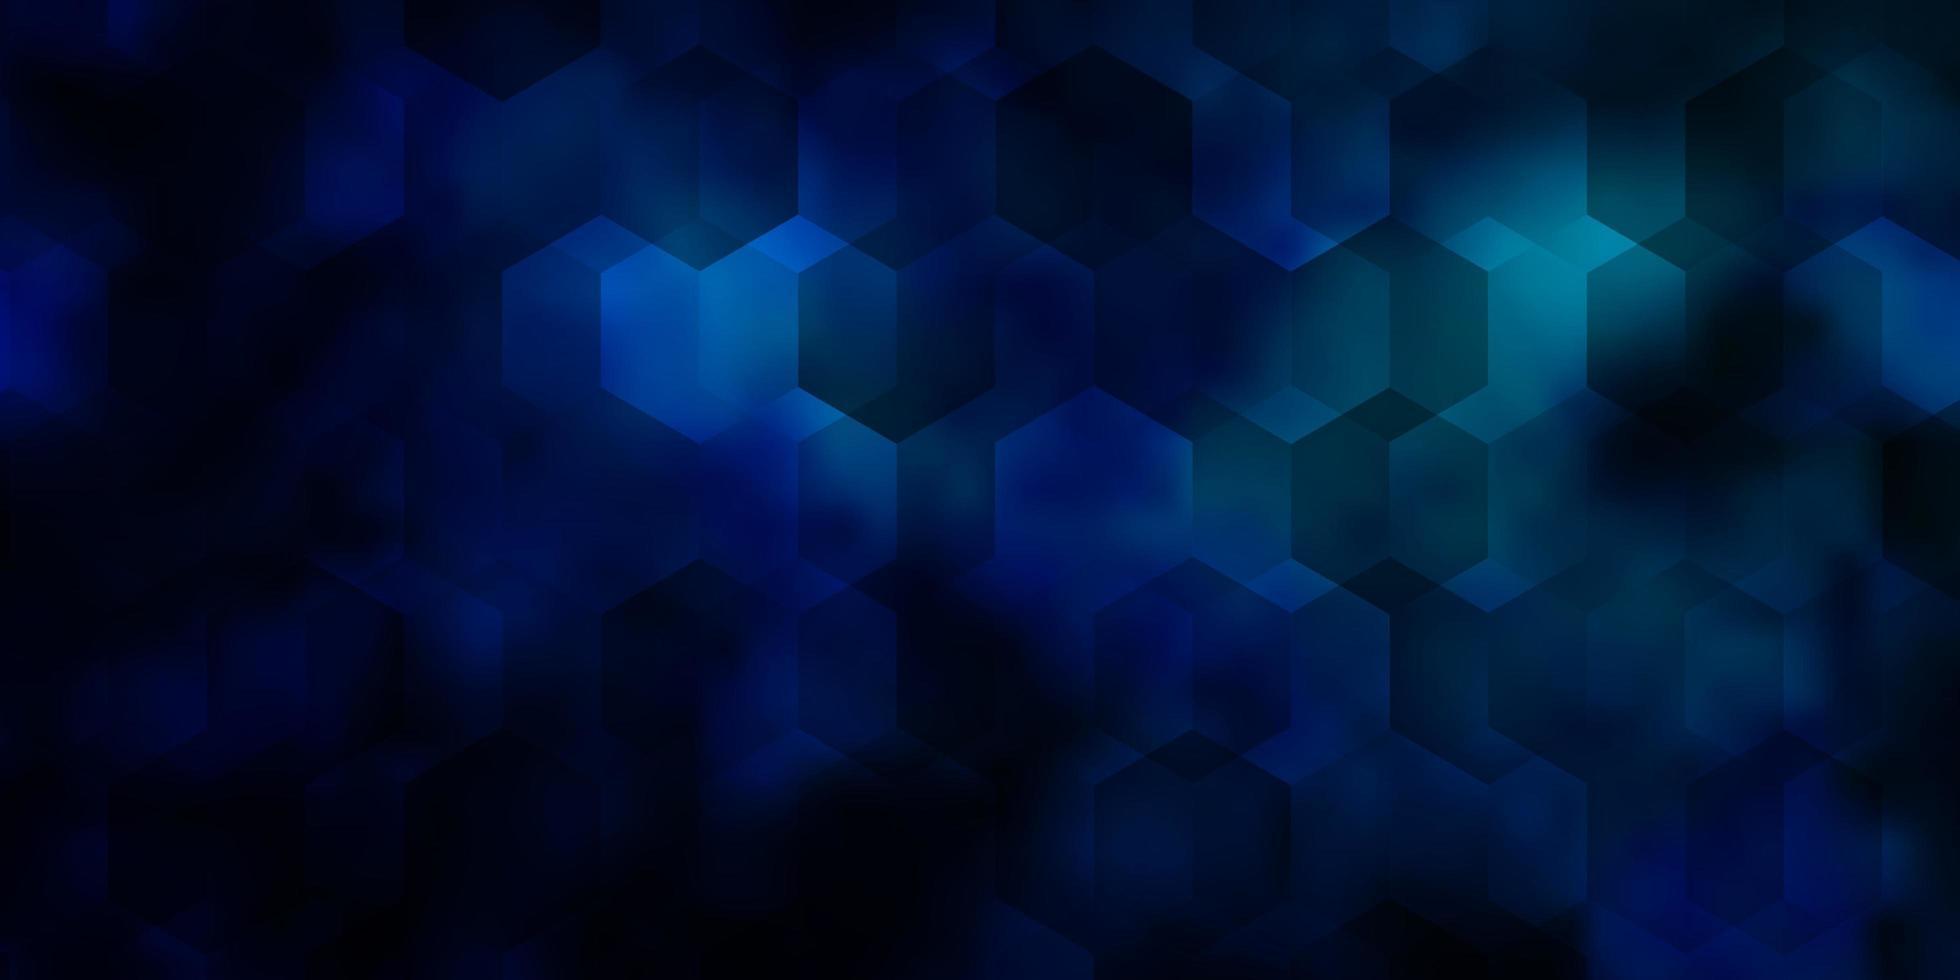 padrão de vetor azul escuro com hexágonos coloridos.